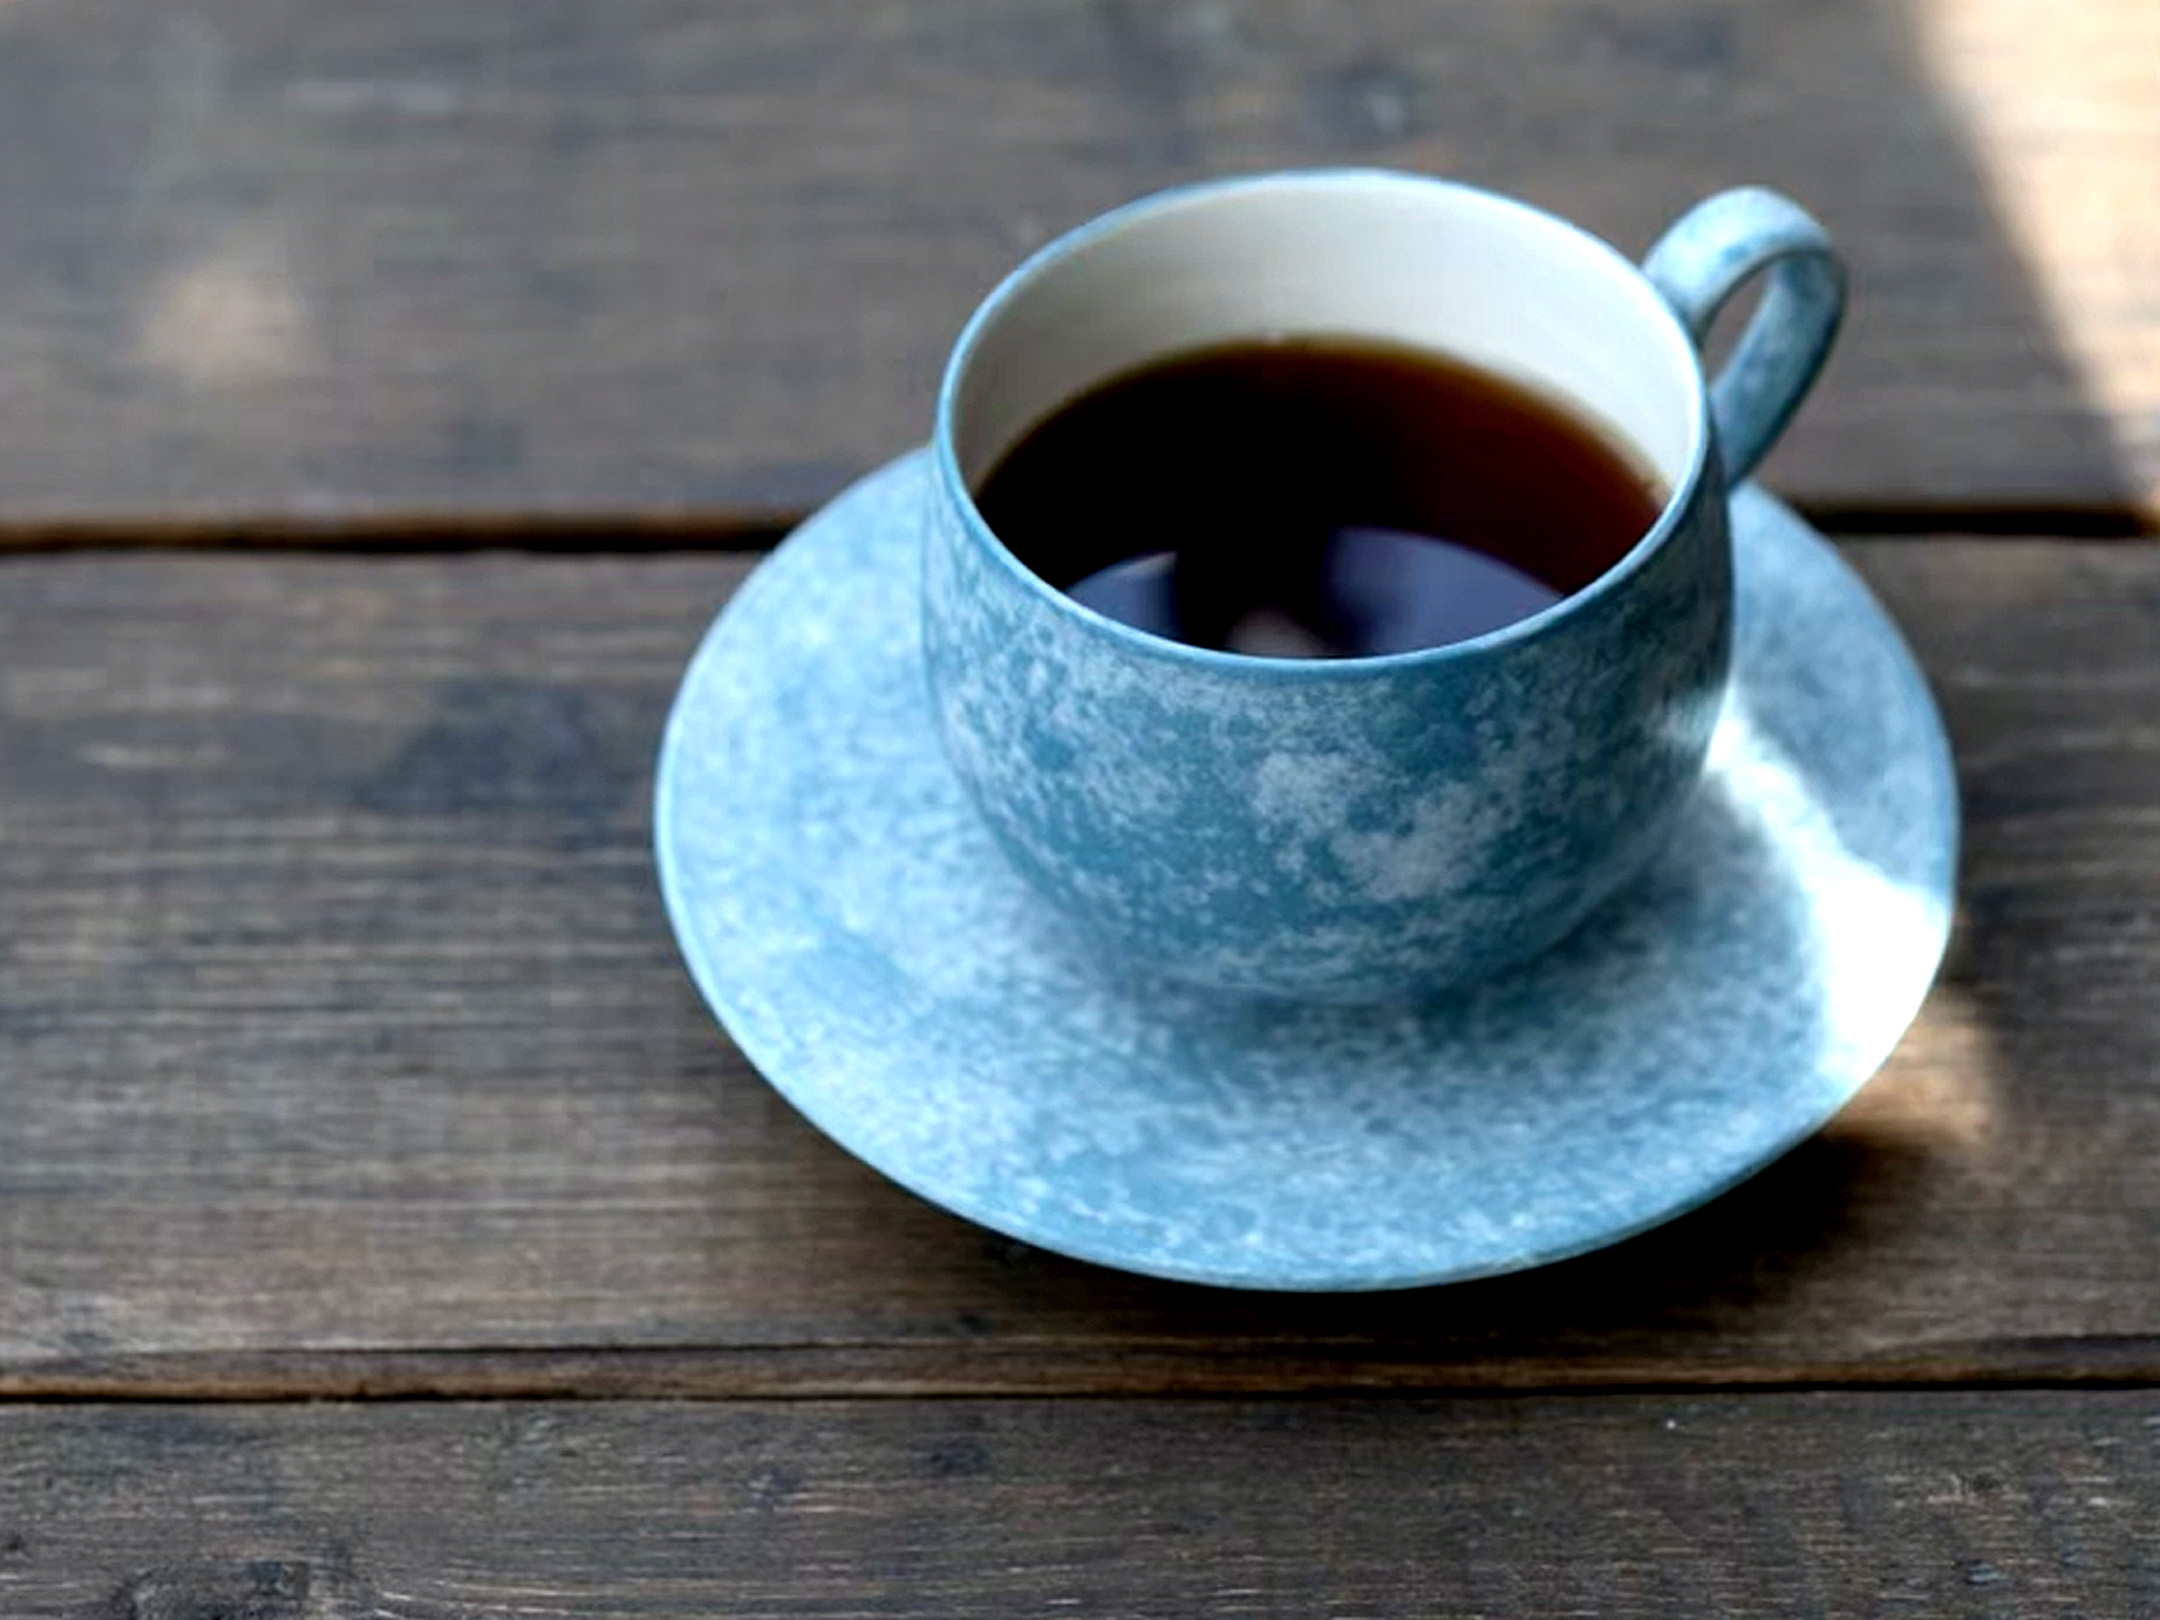 初めて「コーヒーっておいしい」と思ったとき、大人になった気がした。